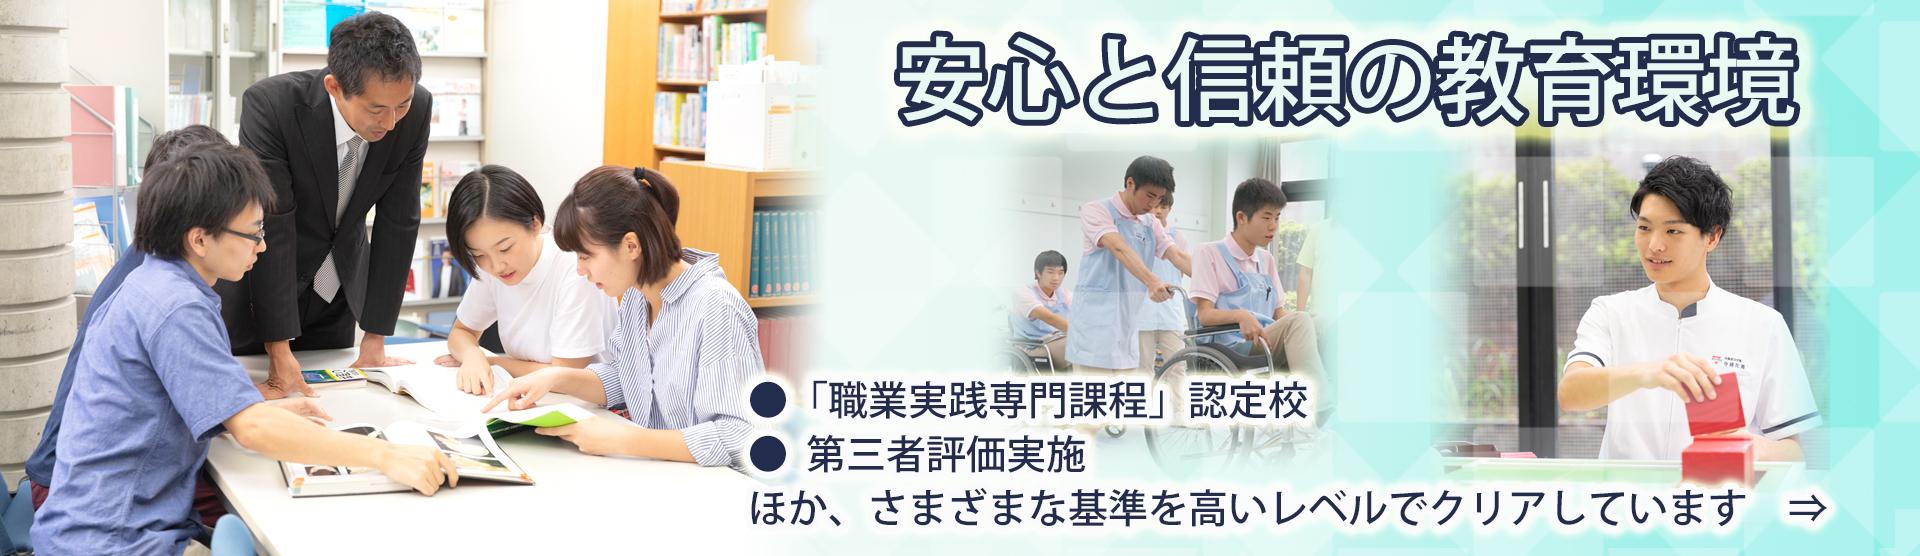 東京 ymca 医療 福祉 専門 学校